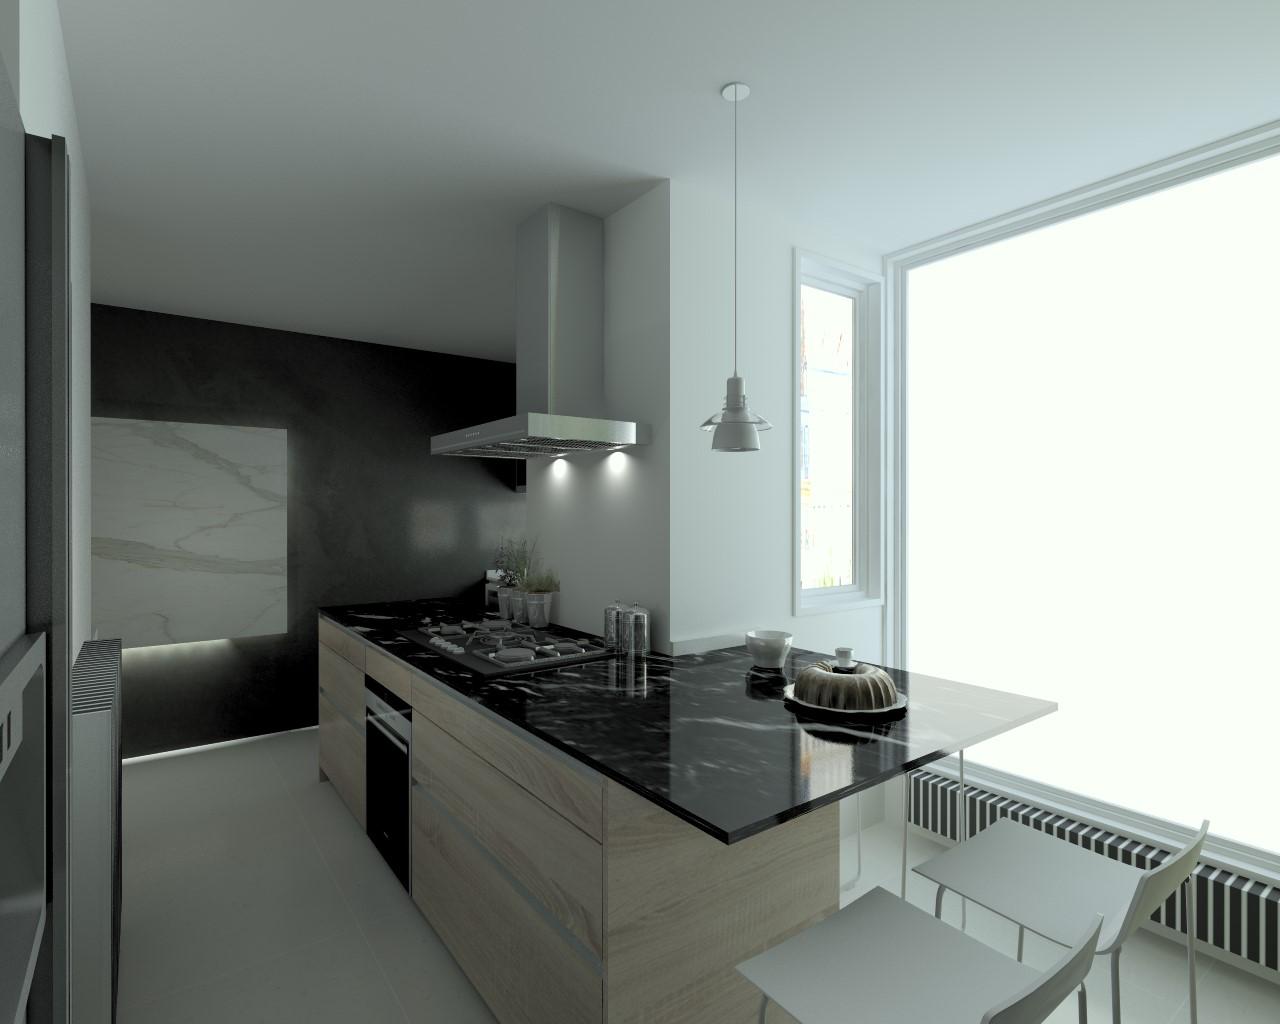 Cocina santos modelo line laminado seda blanco encimera for Marmol de carrara para cocinas